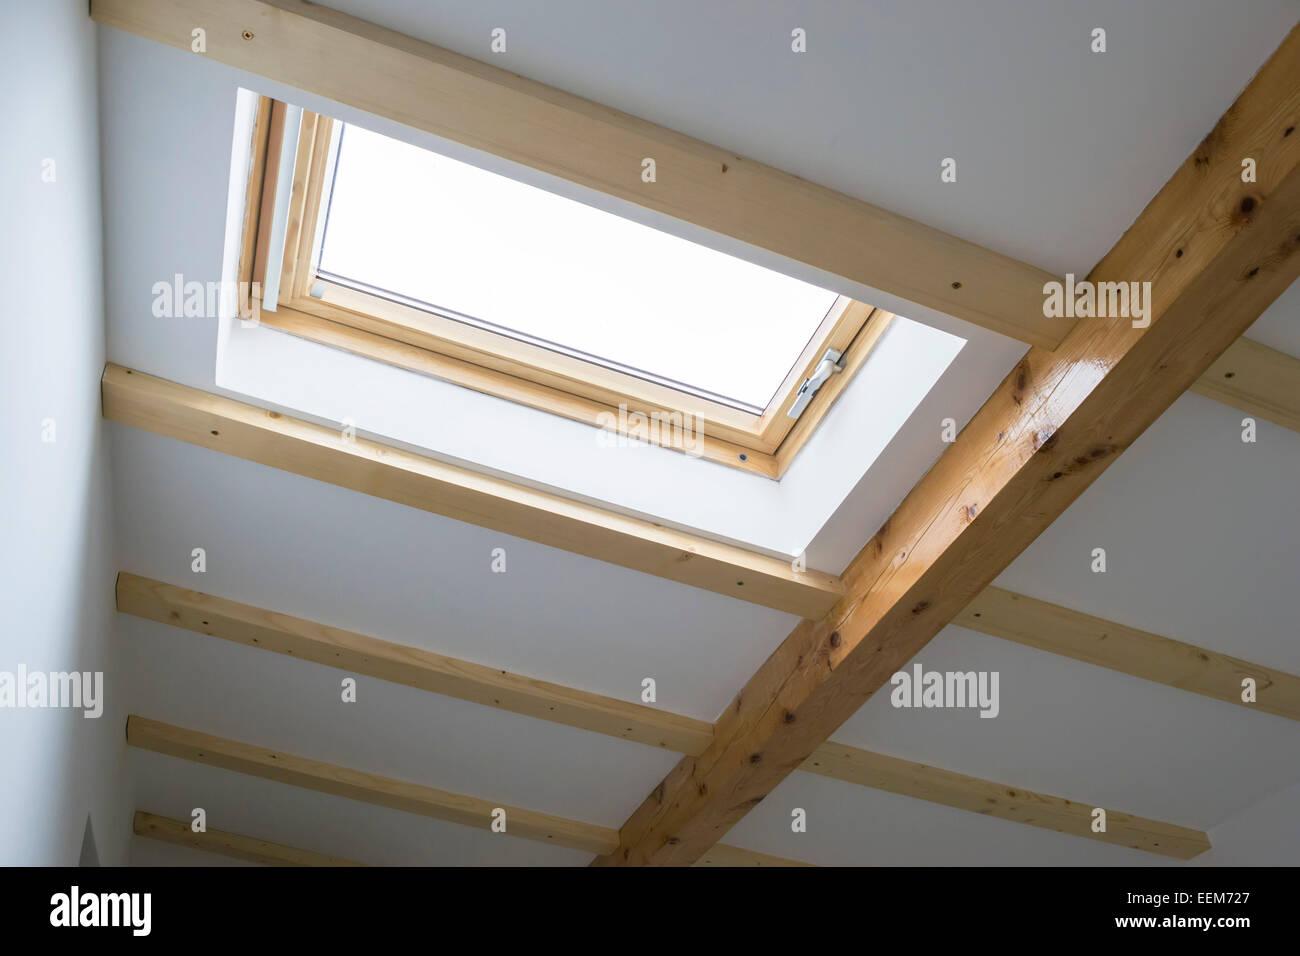 Oberlicht installiert auf dem Dach von einem Haus Dachboden für Beleuchtung und Belüftung, Innenansicht Stockbild